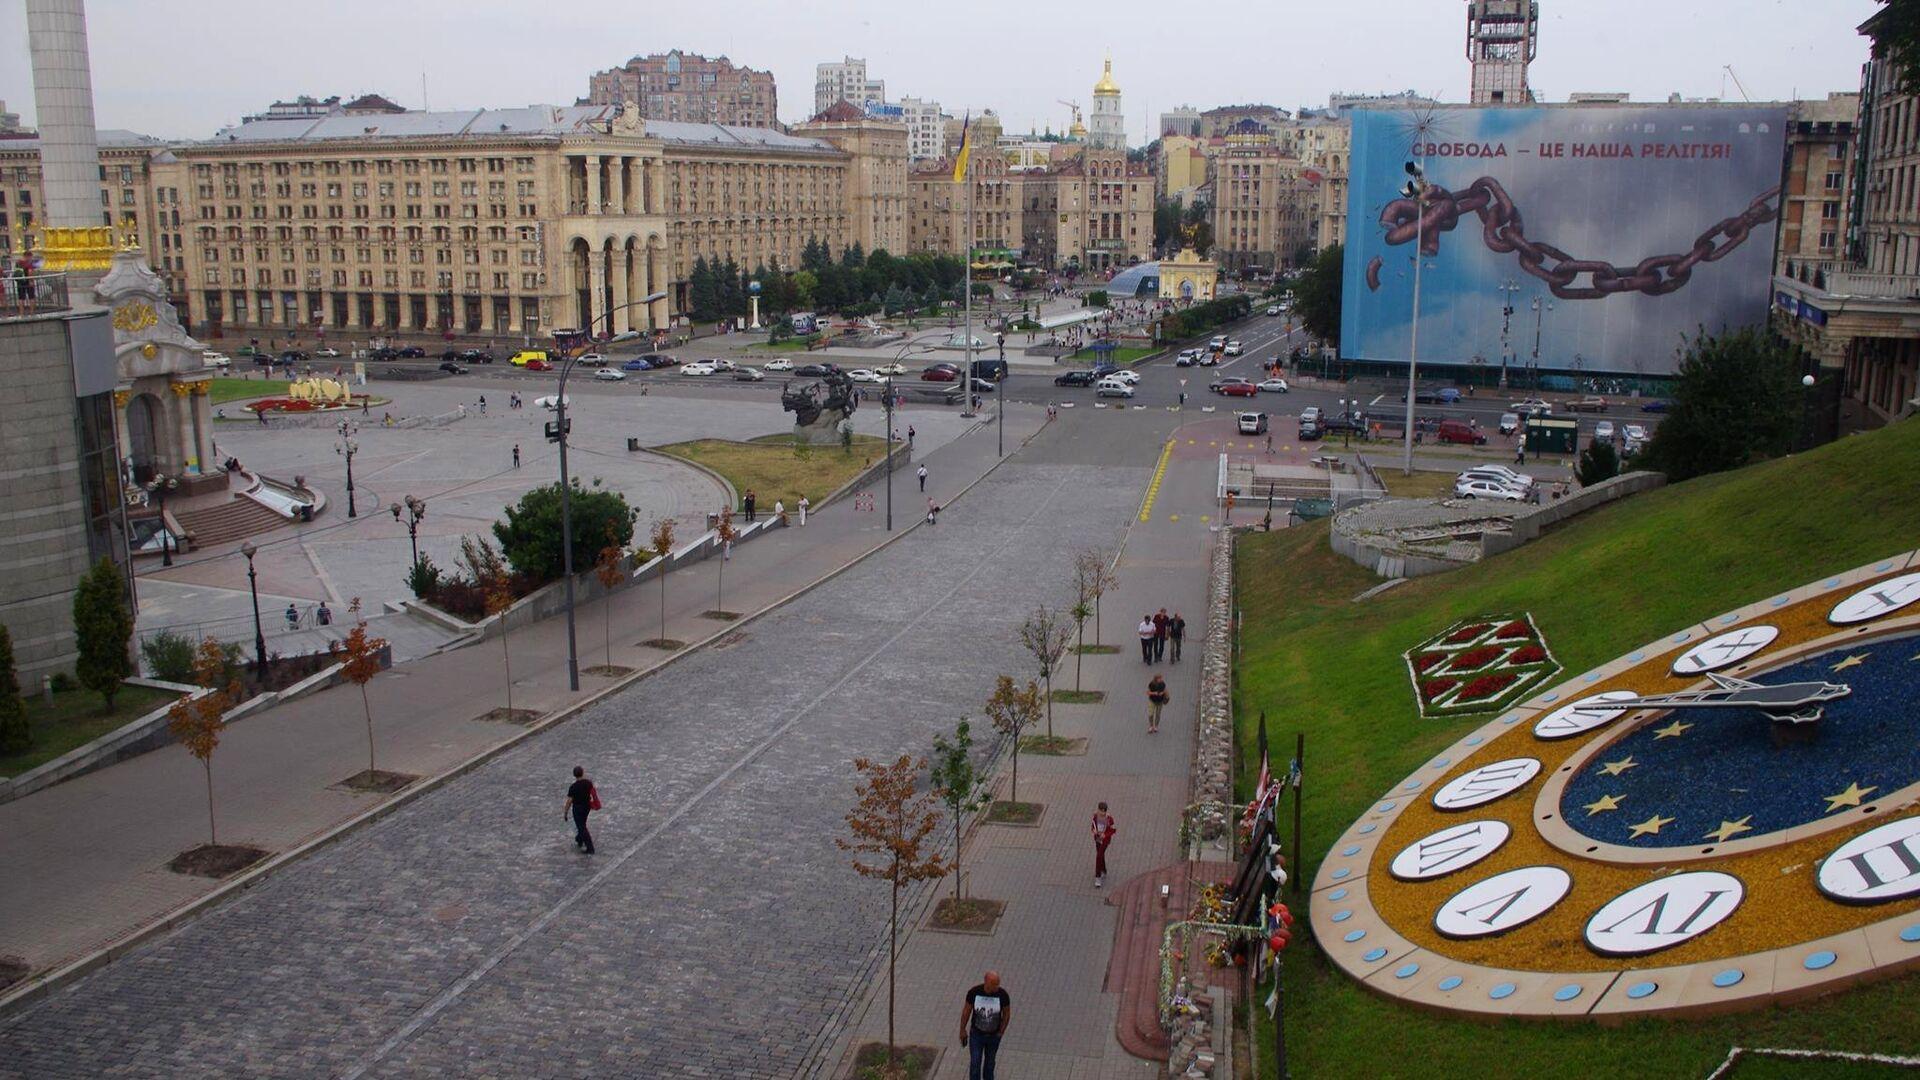 Площадь Независимости в Киеве - РИА Новости, 1920, 21.09.2021